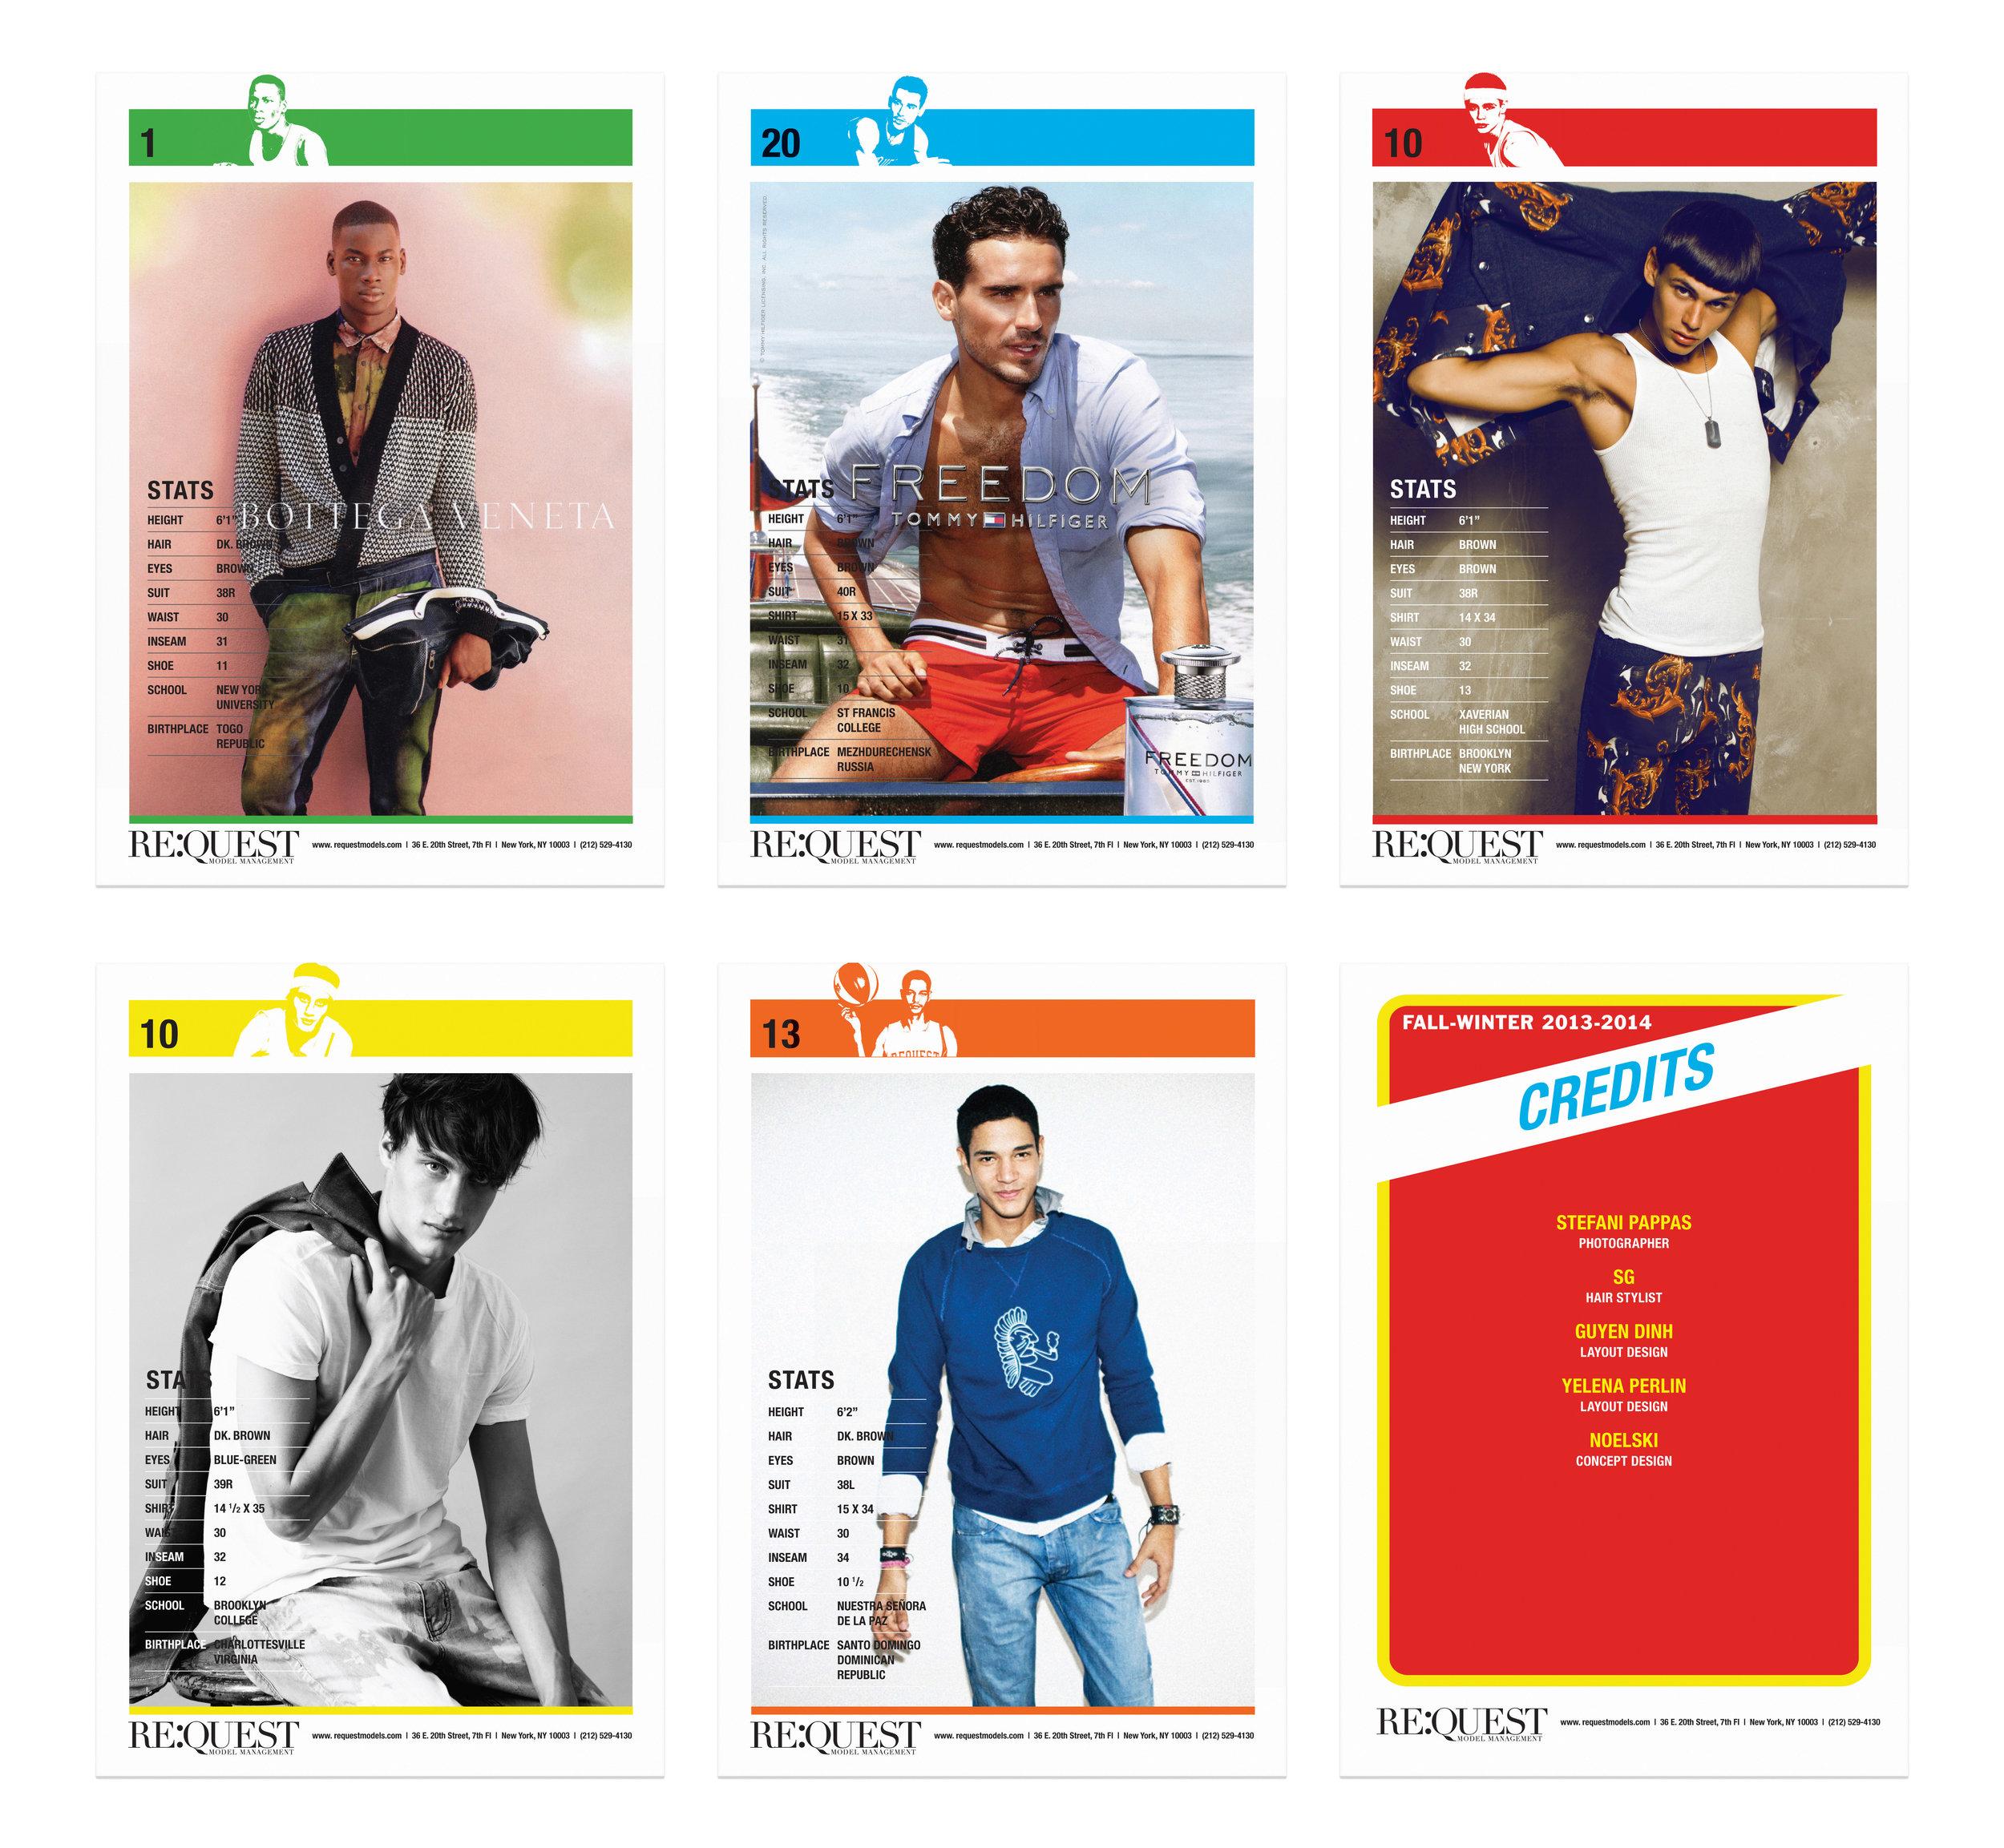 ReQuest_Models_Basketball_Men_Backs.jpg